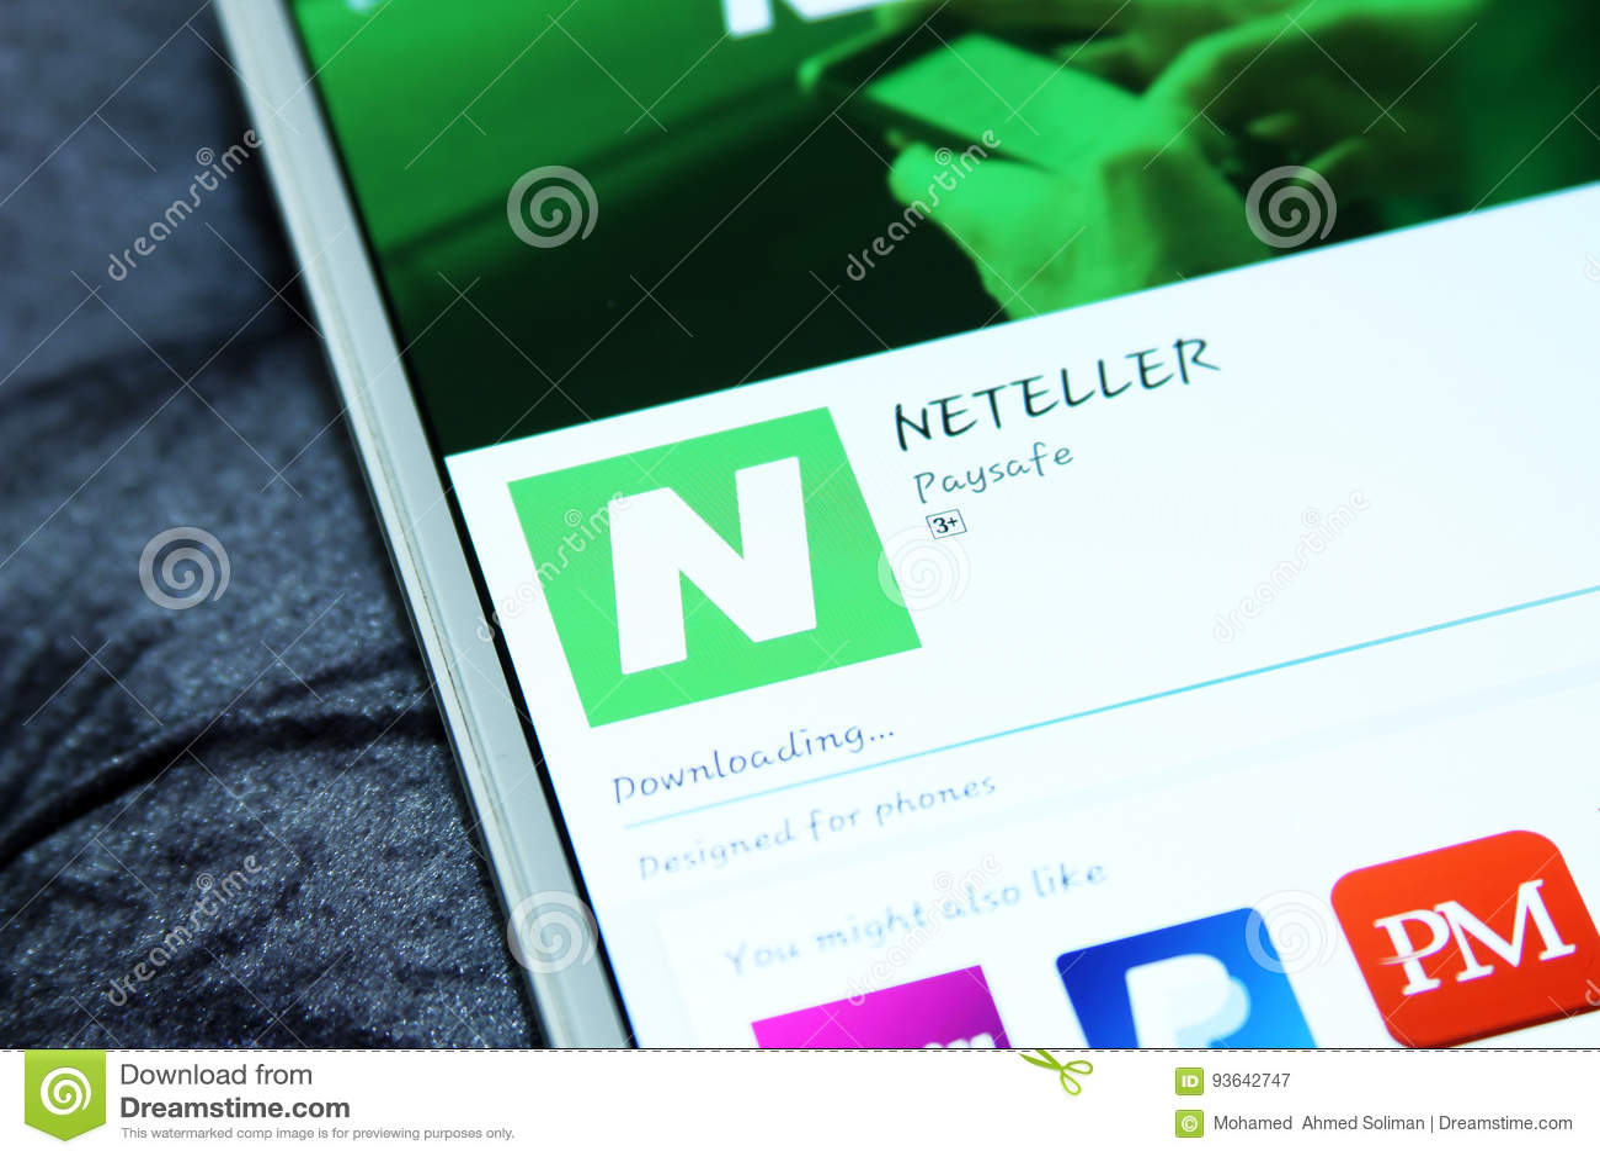 Neteller App Store